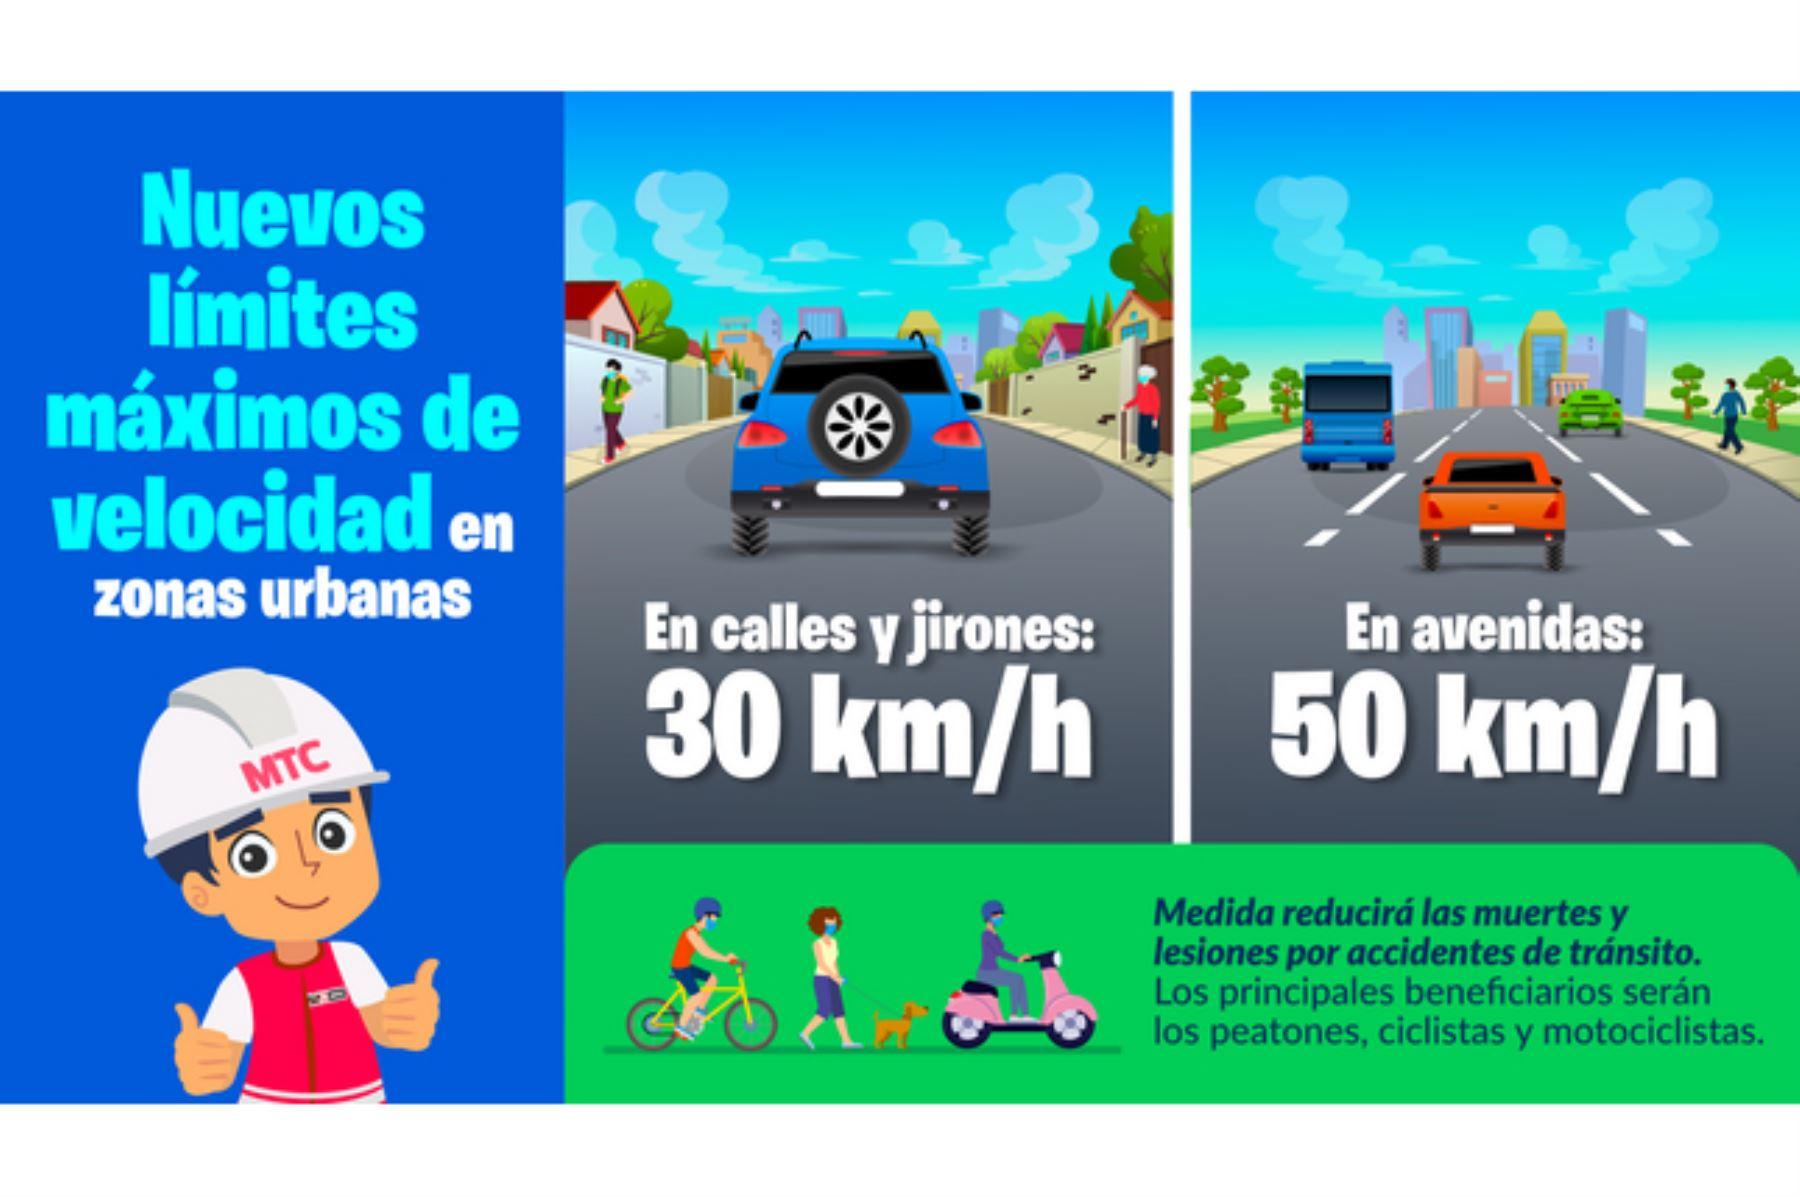 MTC modifica los límites máximos de velocidad en zonas urbanas. Foto: Andina/difusión.